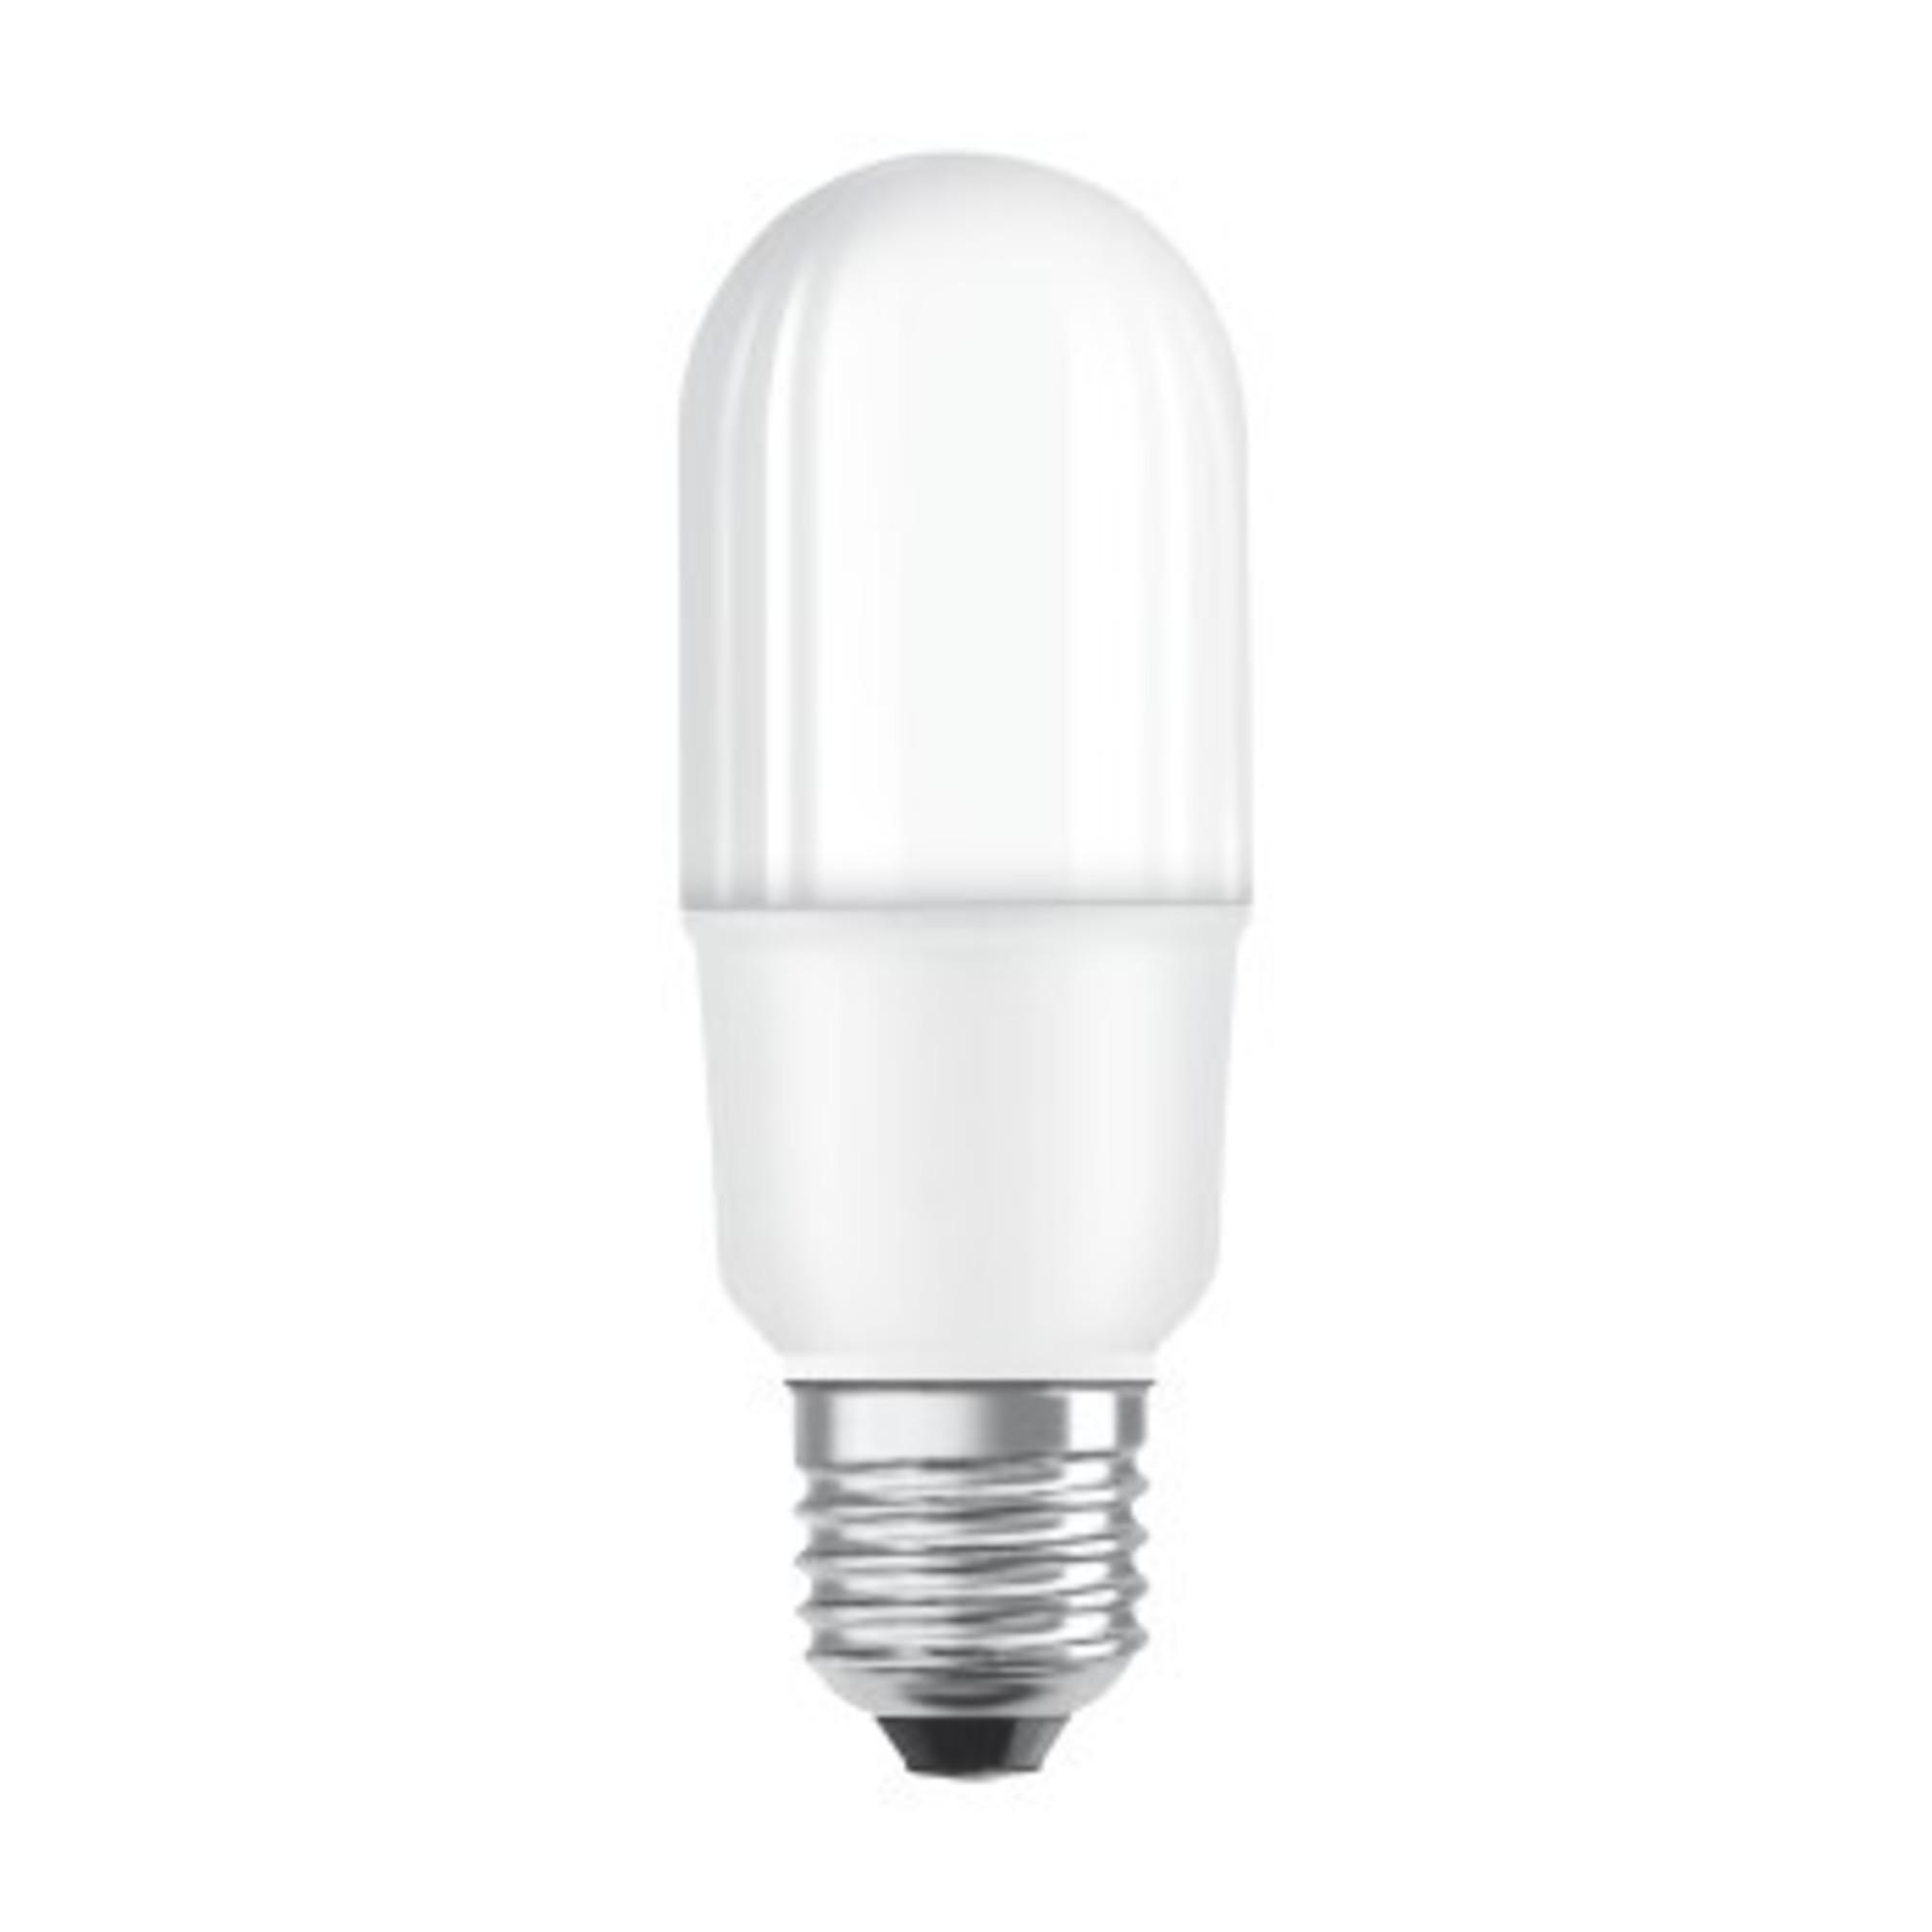 Лампа светодиодная Osram E27 10 Вт цилиндр матовая 1055 лм теплый белый свет